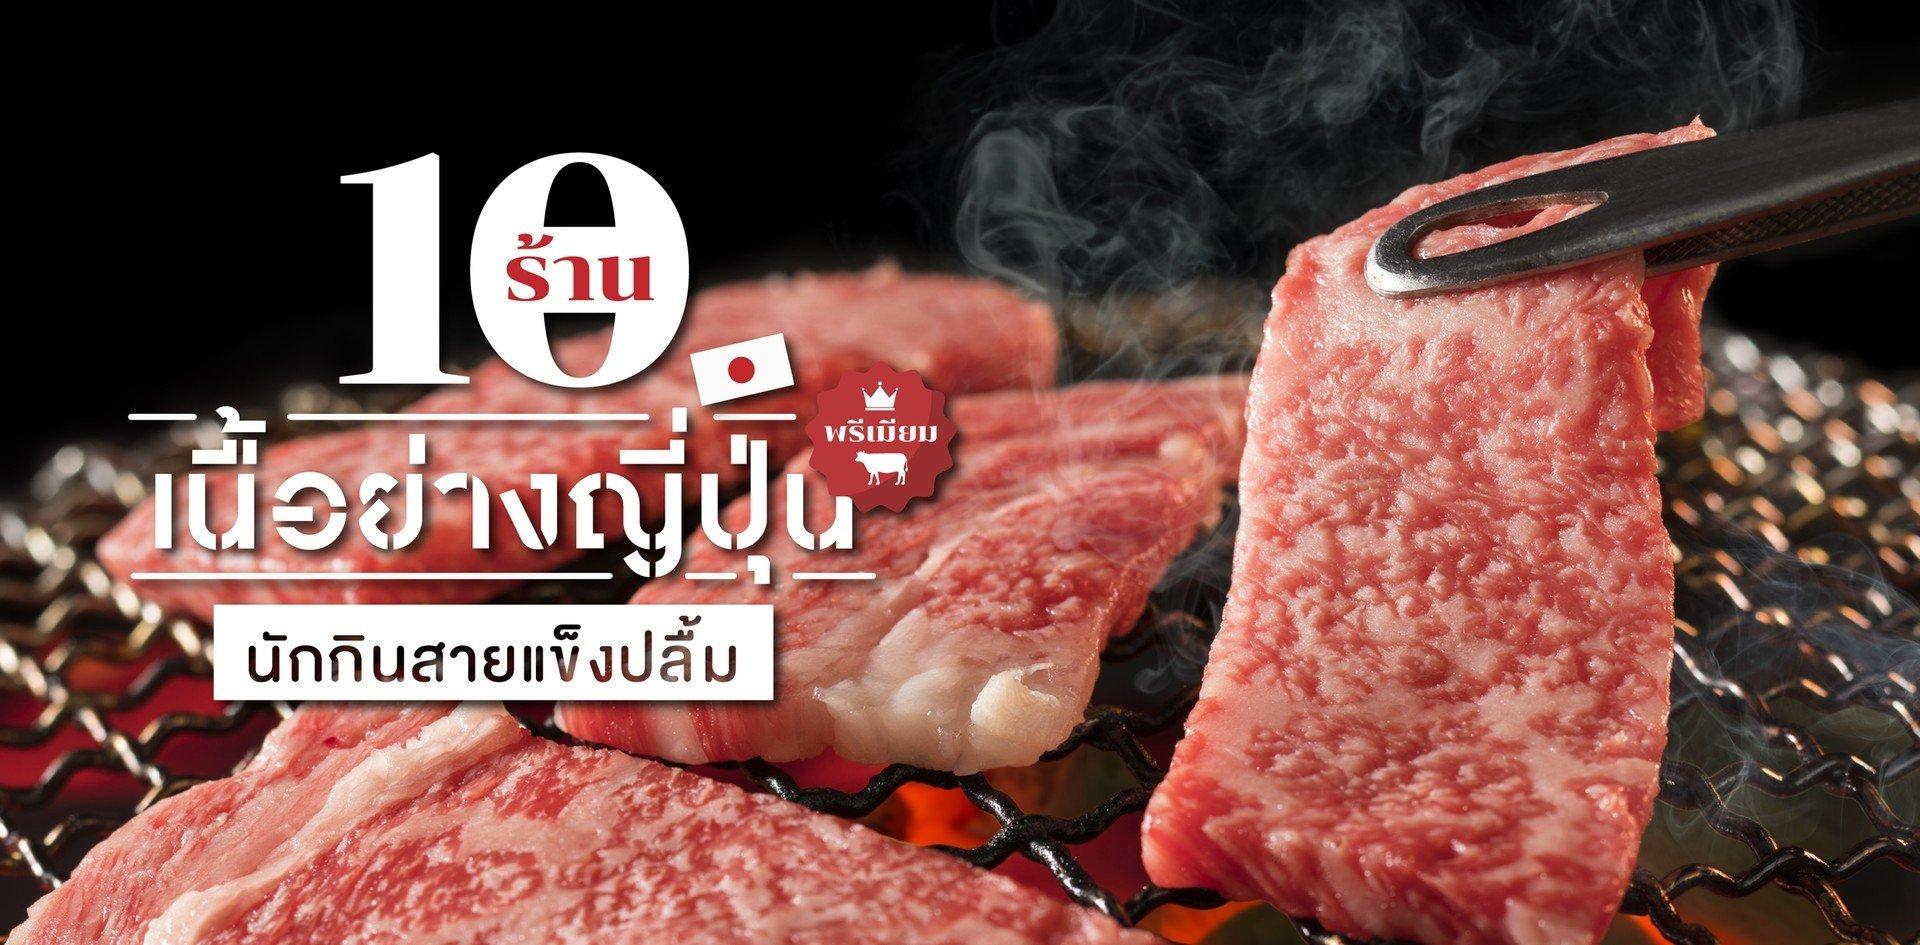 10 ร้านเนื้อย่างญี่ปุ่นพรีเมียม นักกินสายแข็งปลื้ม